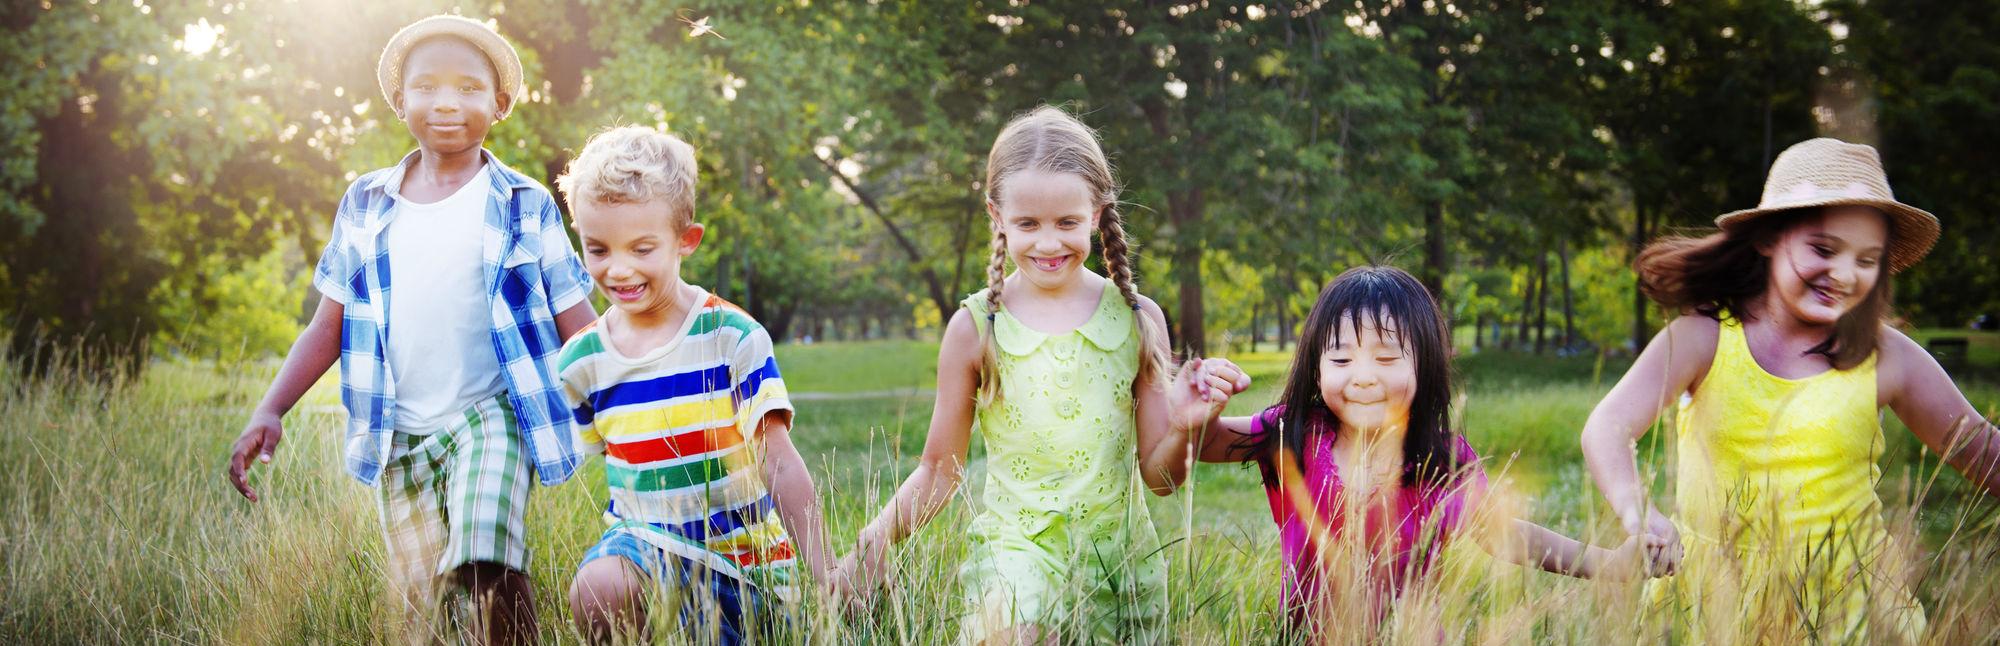 running kids 2000 x 646.jpg